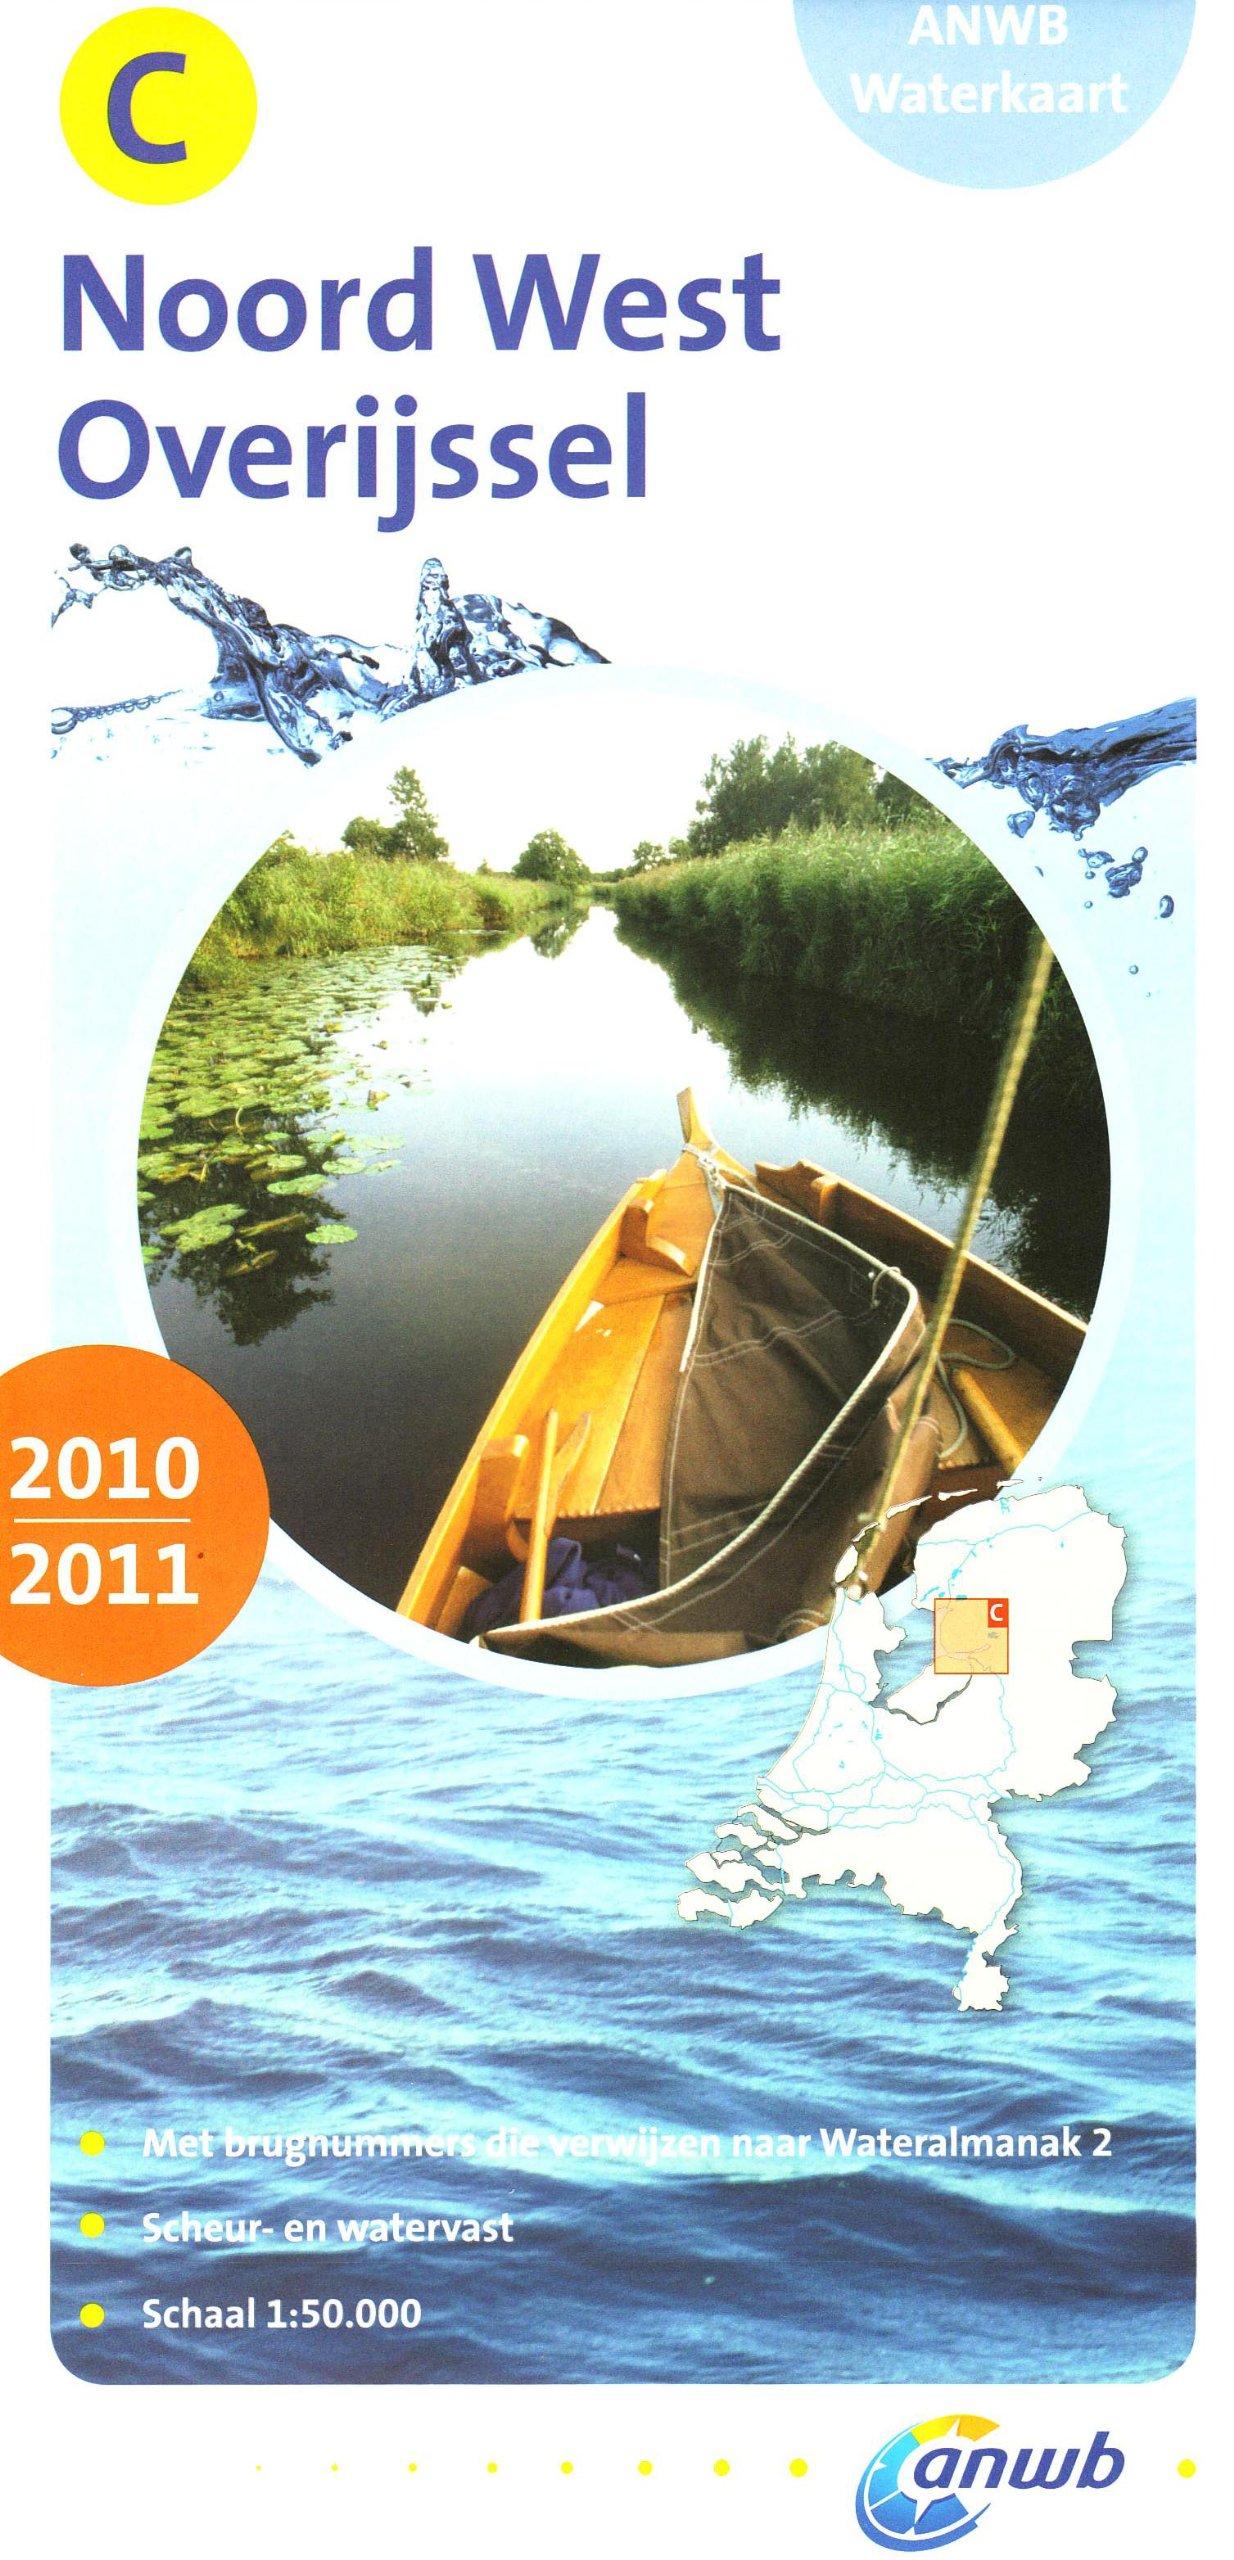 Wasserkarte C Noord-West Overijssel 1:50.000 (ANWB waterkaart)